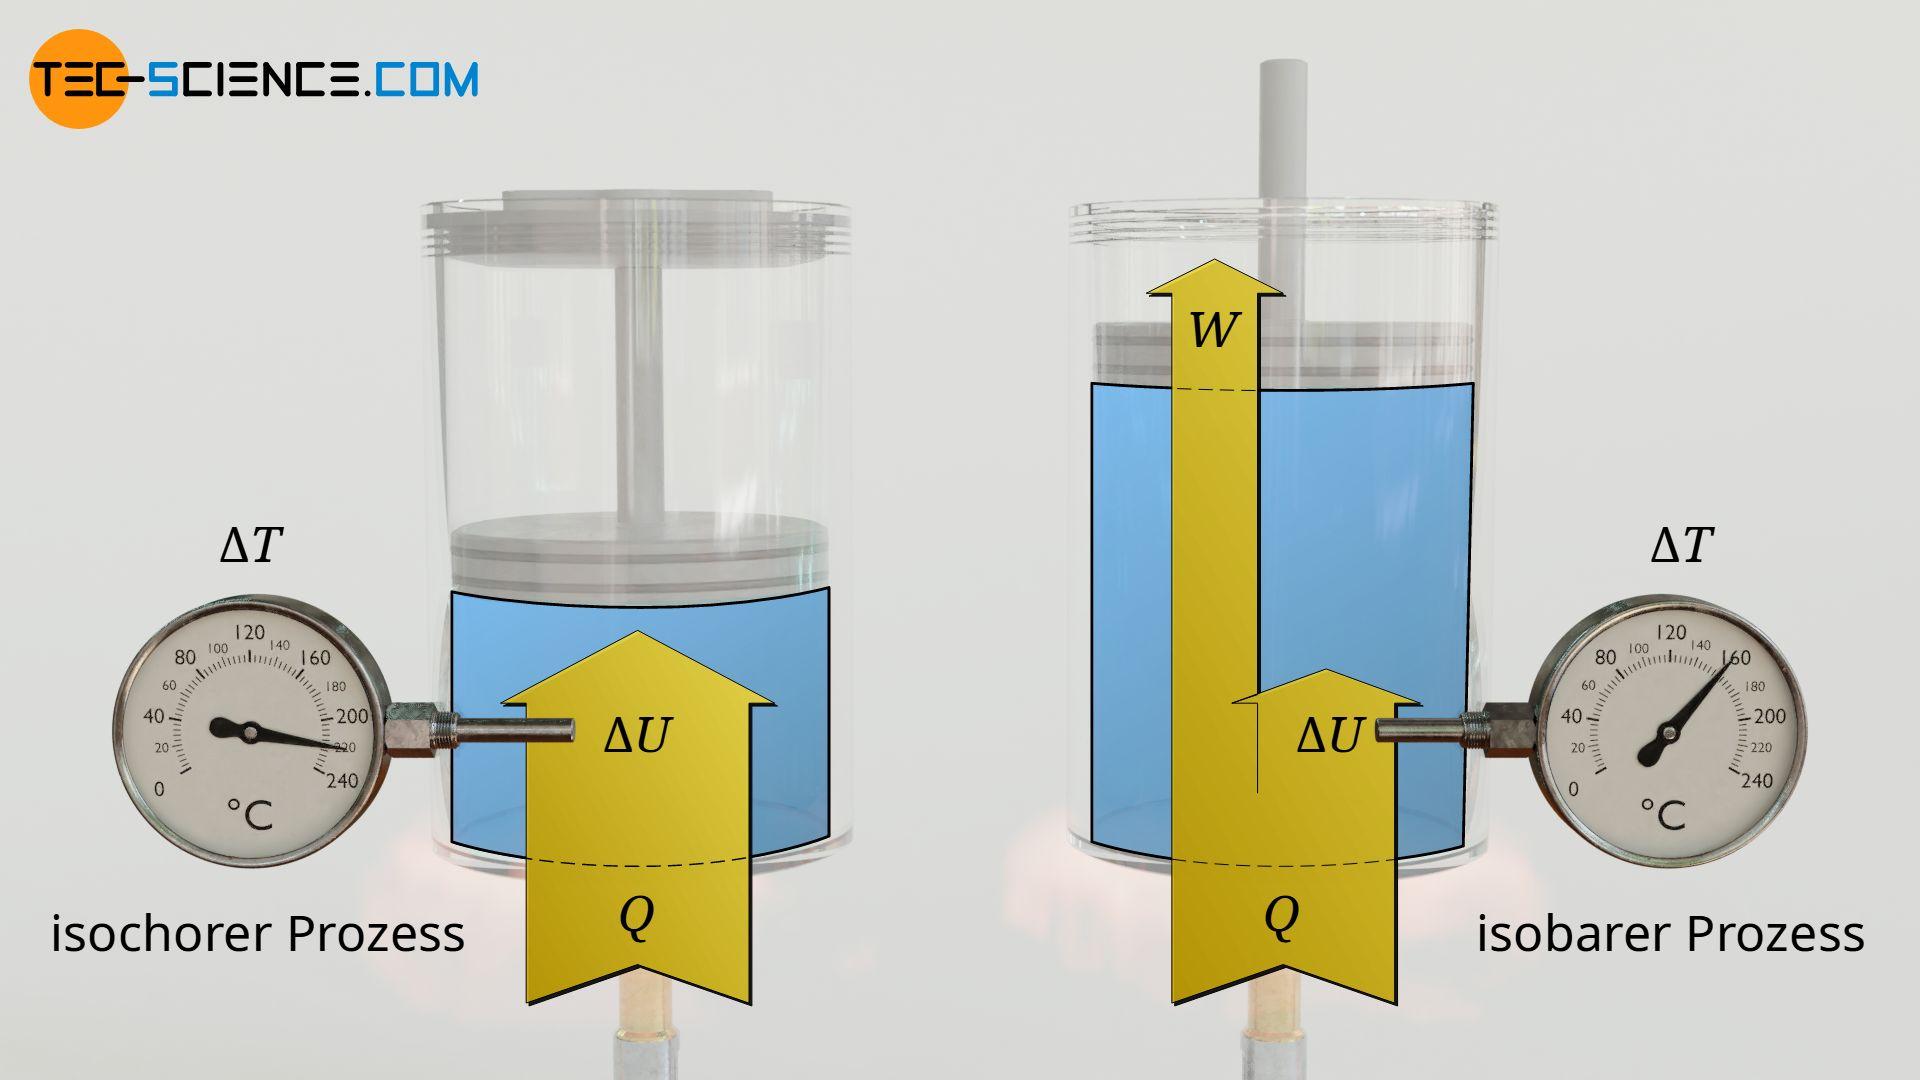 Temperaturanstieg bei einem isochoren Prozess (links) und einem isobaren Prozess (rechts)